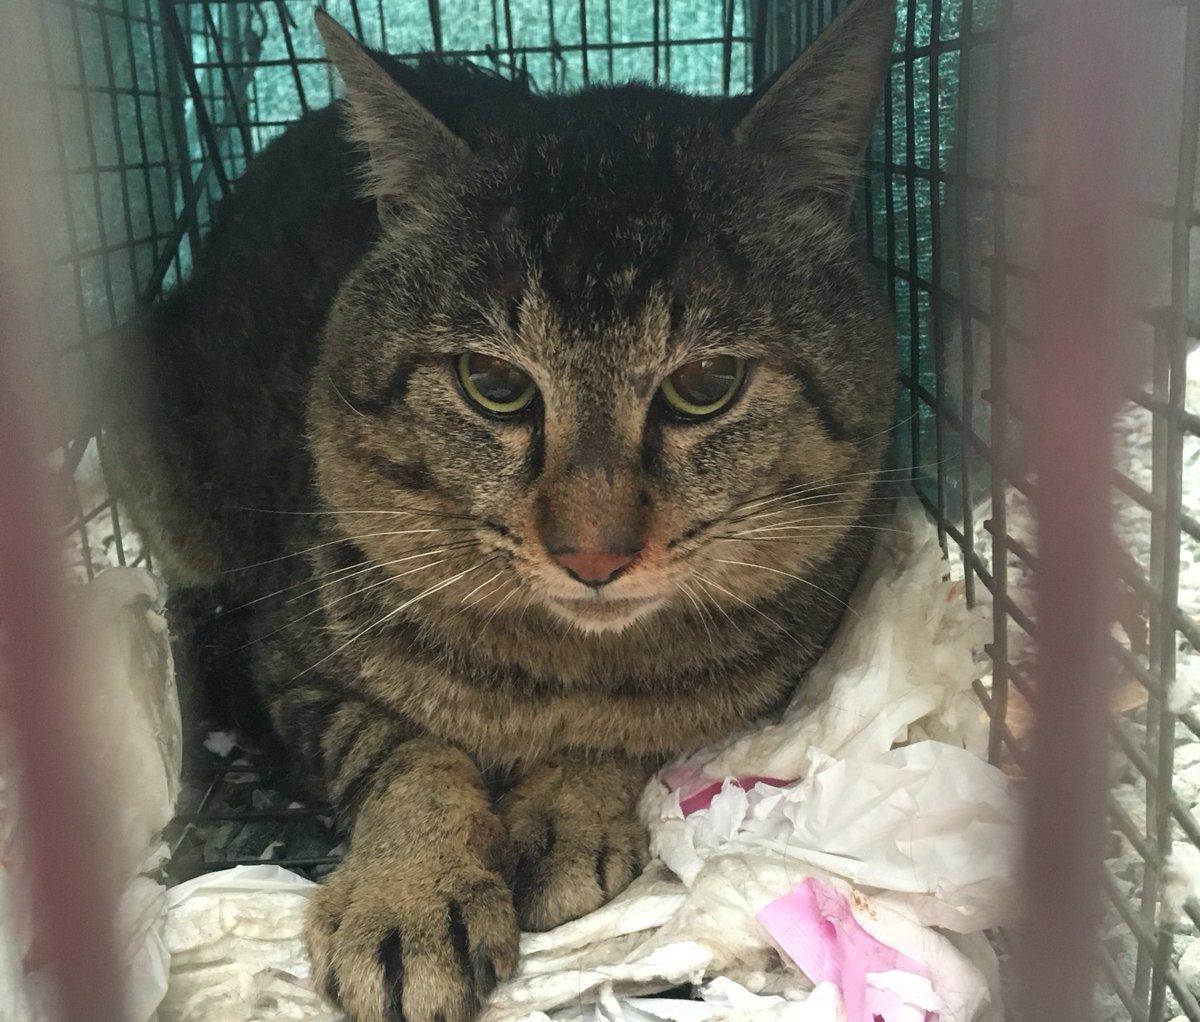 民間災害時動物救済本部の方に保護していた猫を引き取って頂きました!保護された方、または行方不明の犬猫捜索を希望の方は一度ご連絡してみて下さい。 https://t.co/sr6NNdRwuP https://t.co/GMSMWJ7uzu